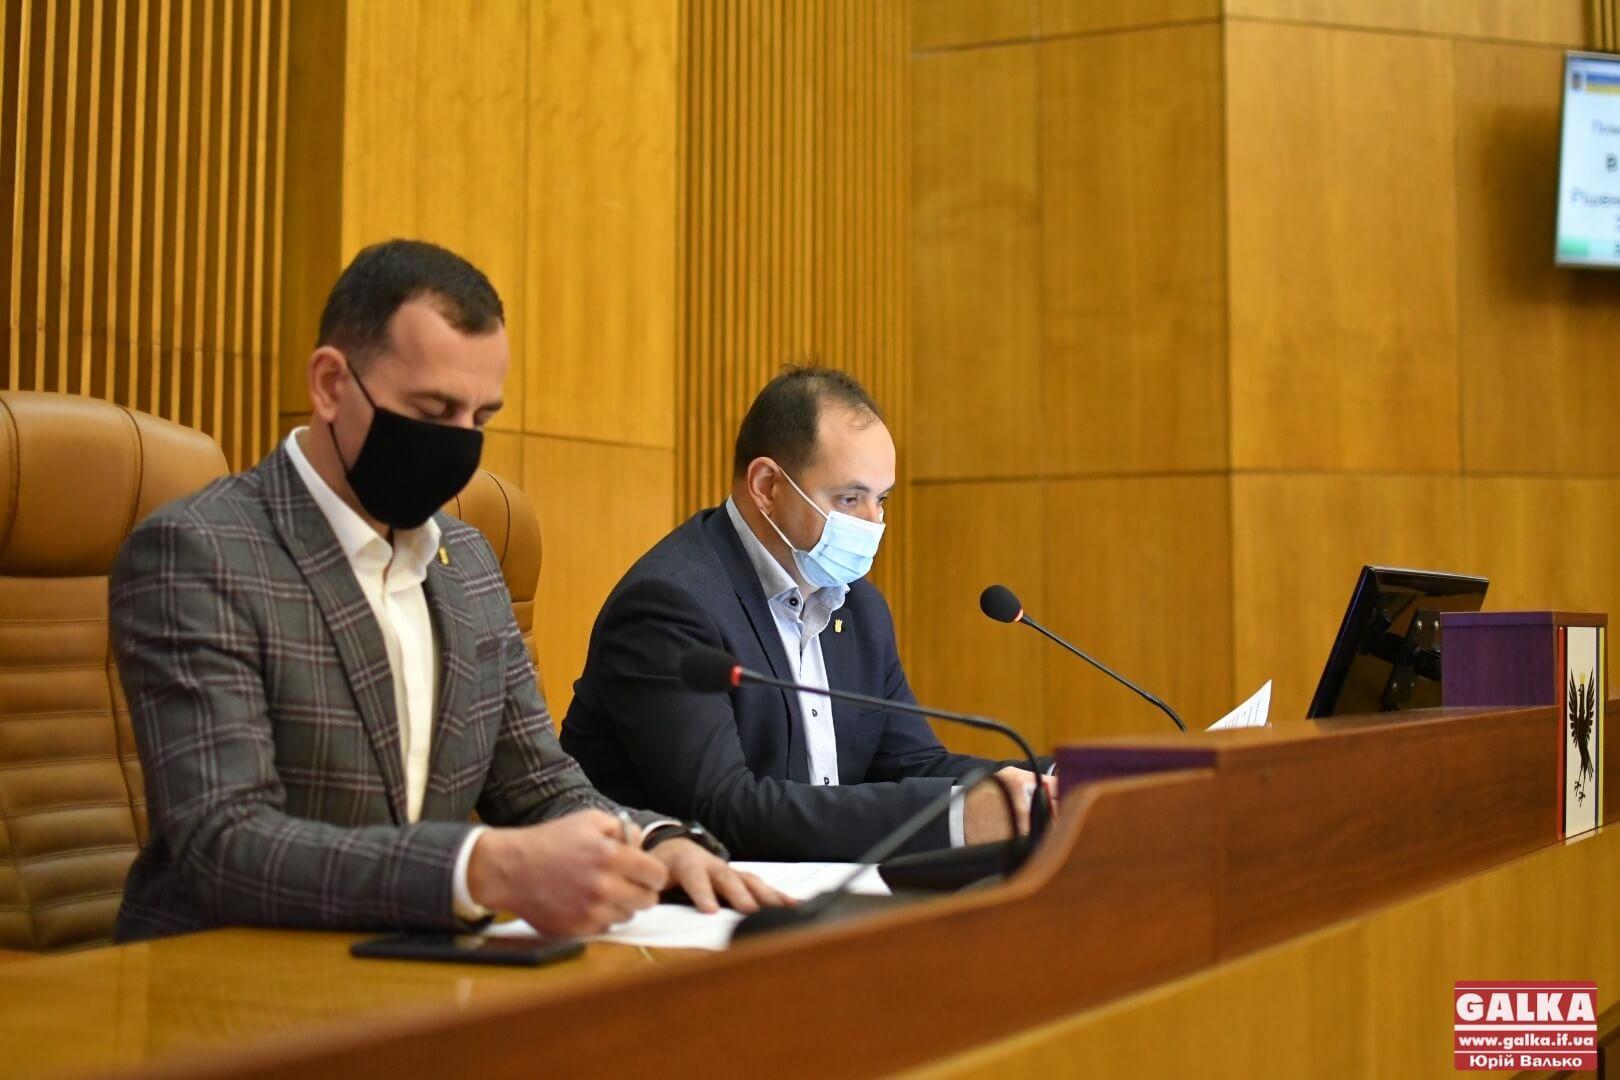 Це відіб'ється на мешканцях громади: франківські депутати вимагають не допустити зростання ціни на газ для бізнесу та бюджетних установ (ФОТО)